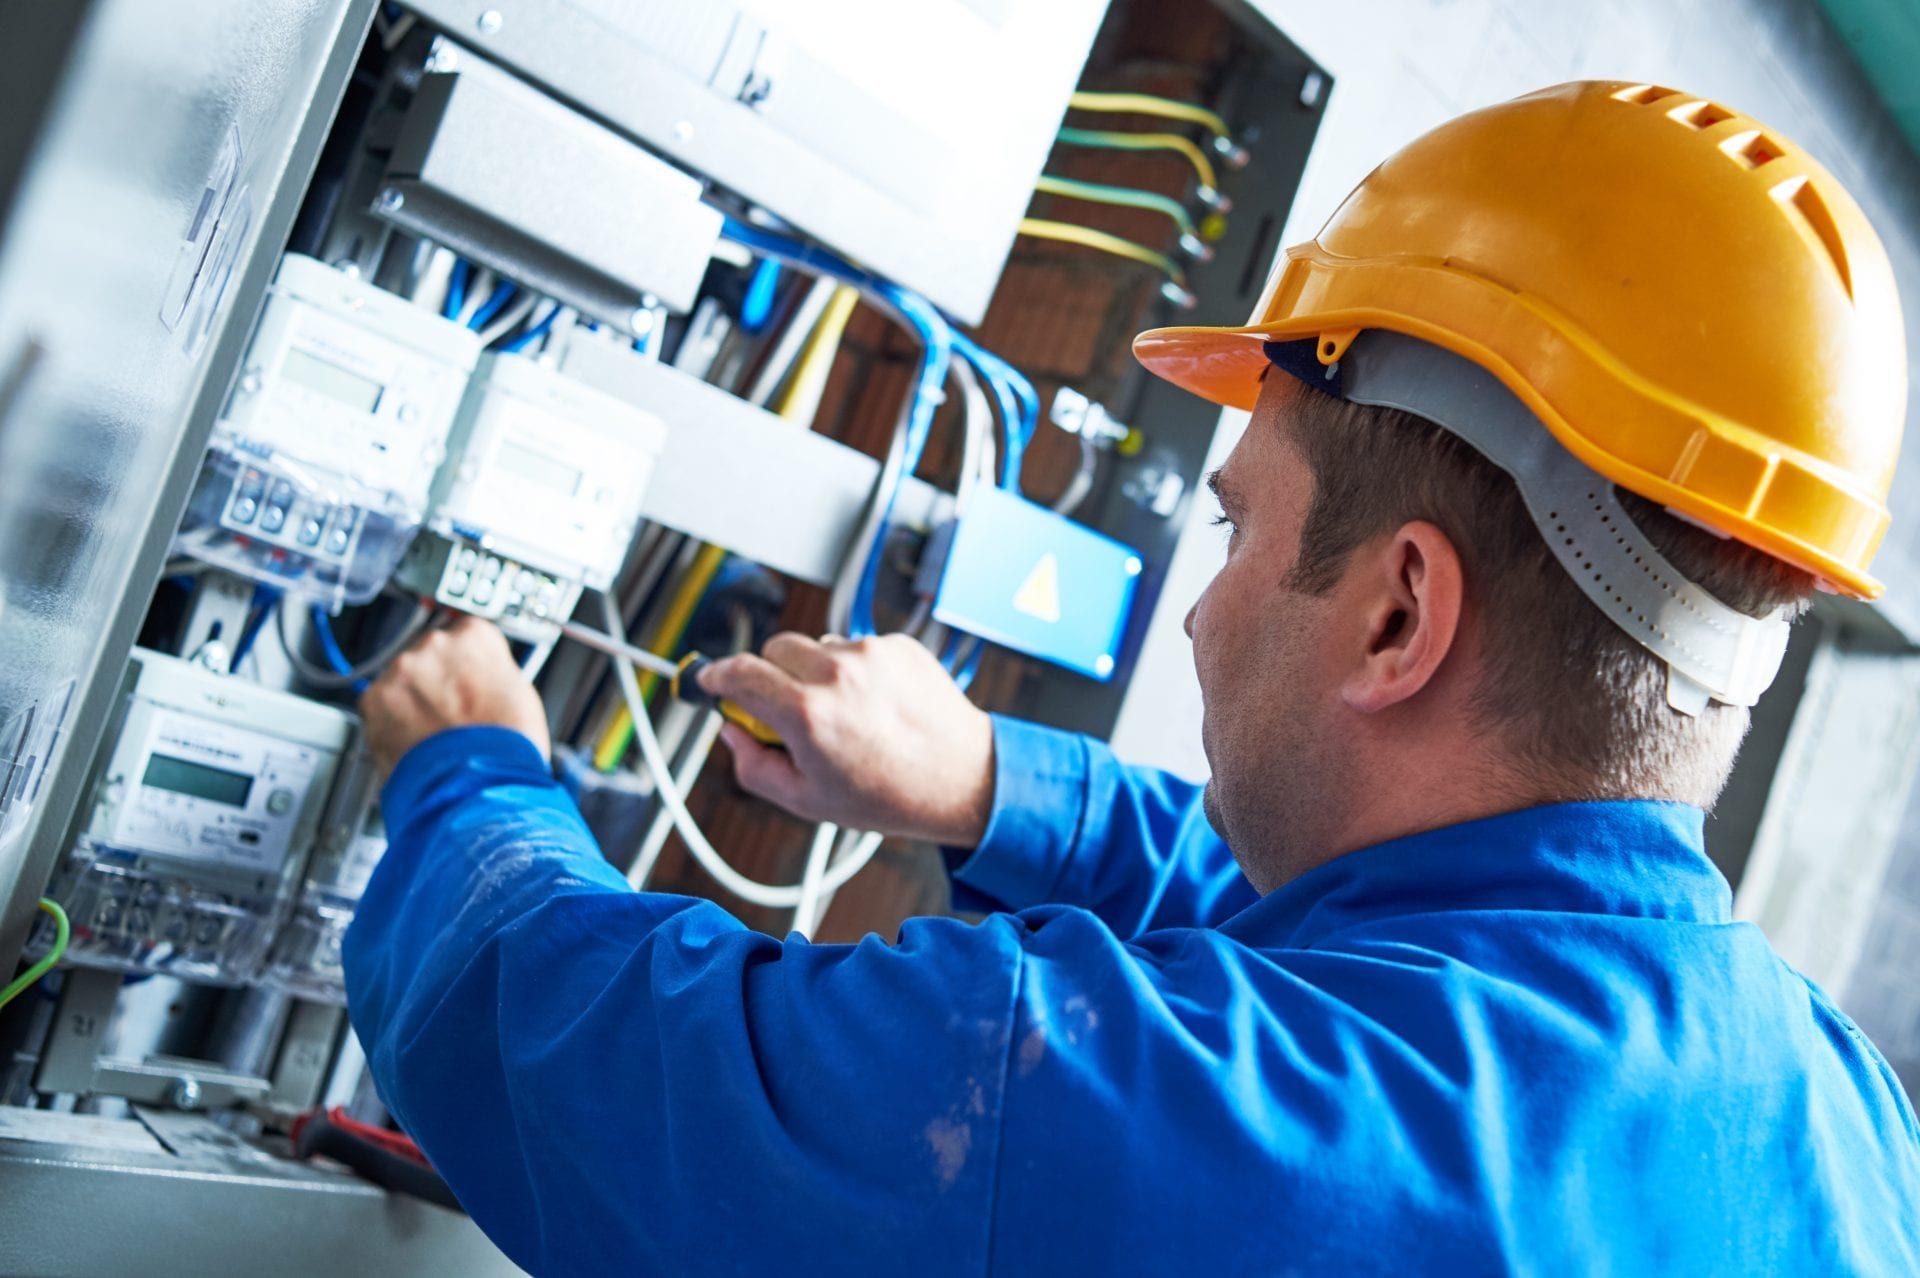 1002 - Treinamento em Segurança para Trabalhadores que Intervenham em Instalações Energizadas com Alta Tensão no Sistema Elétrico de Potência